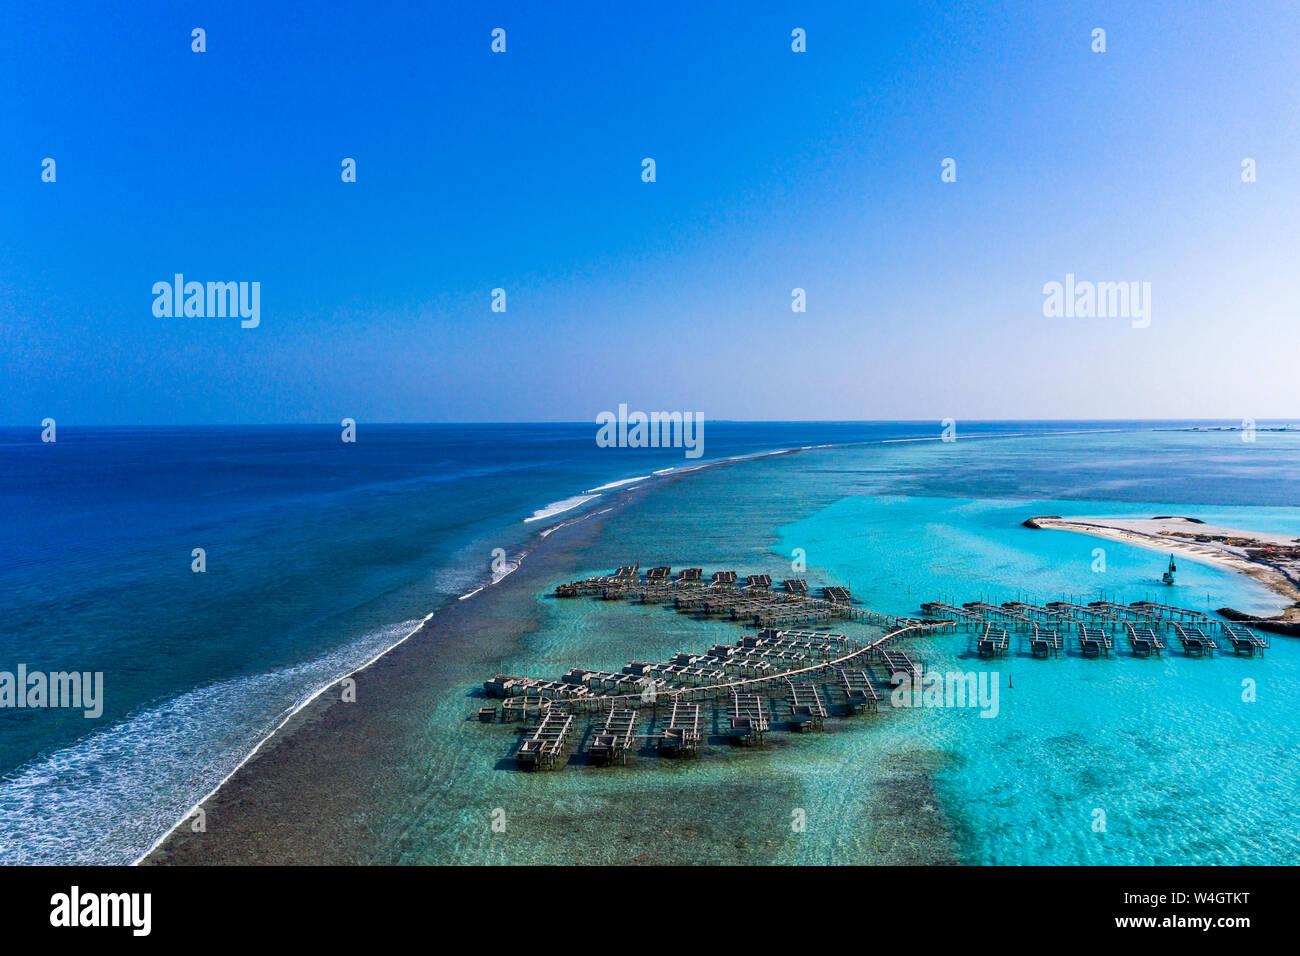 Vue aérienne du site de construction, bungalows sur l'eau, South Male Atoll, Maldives Banque D'Images